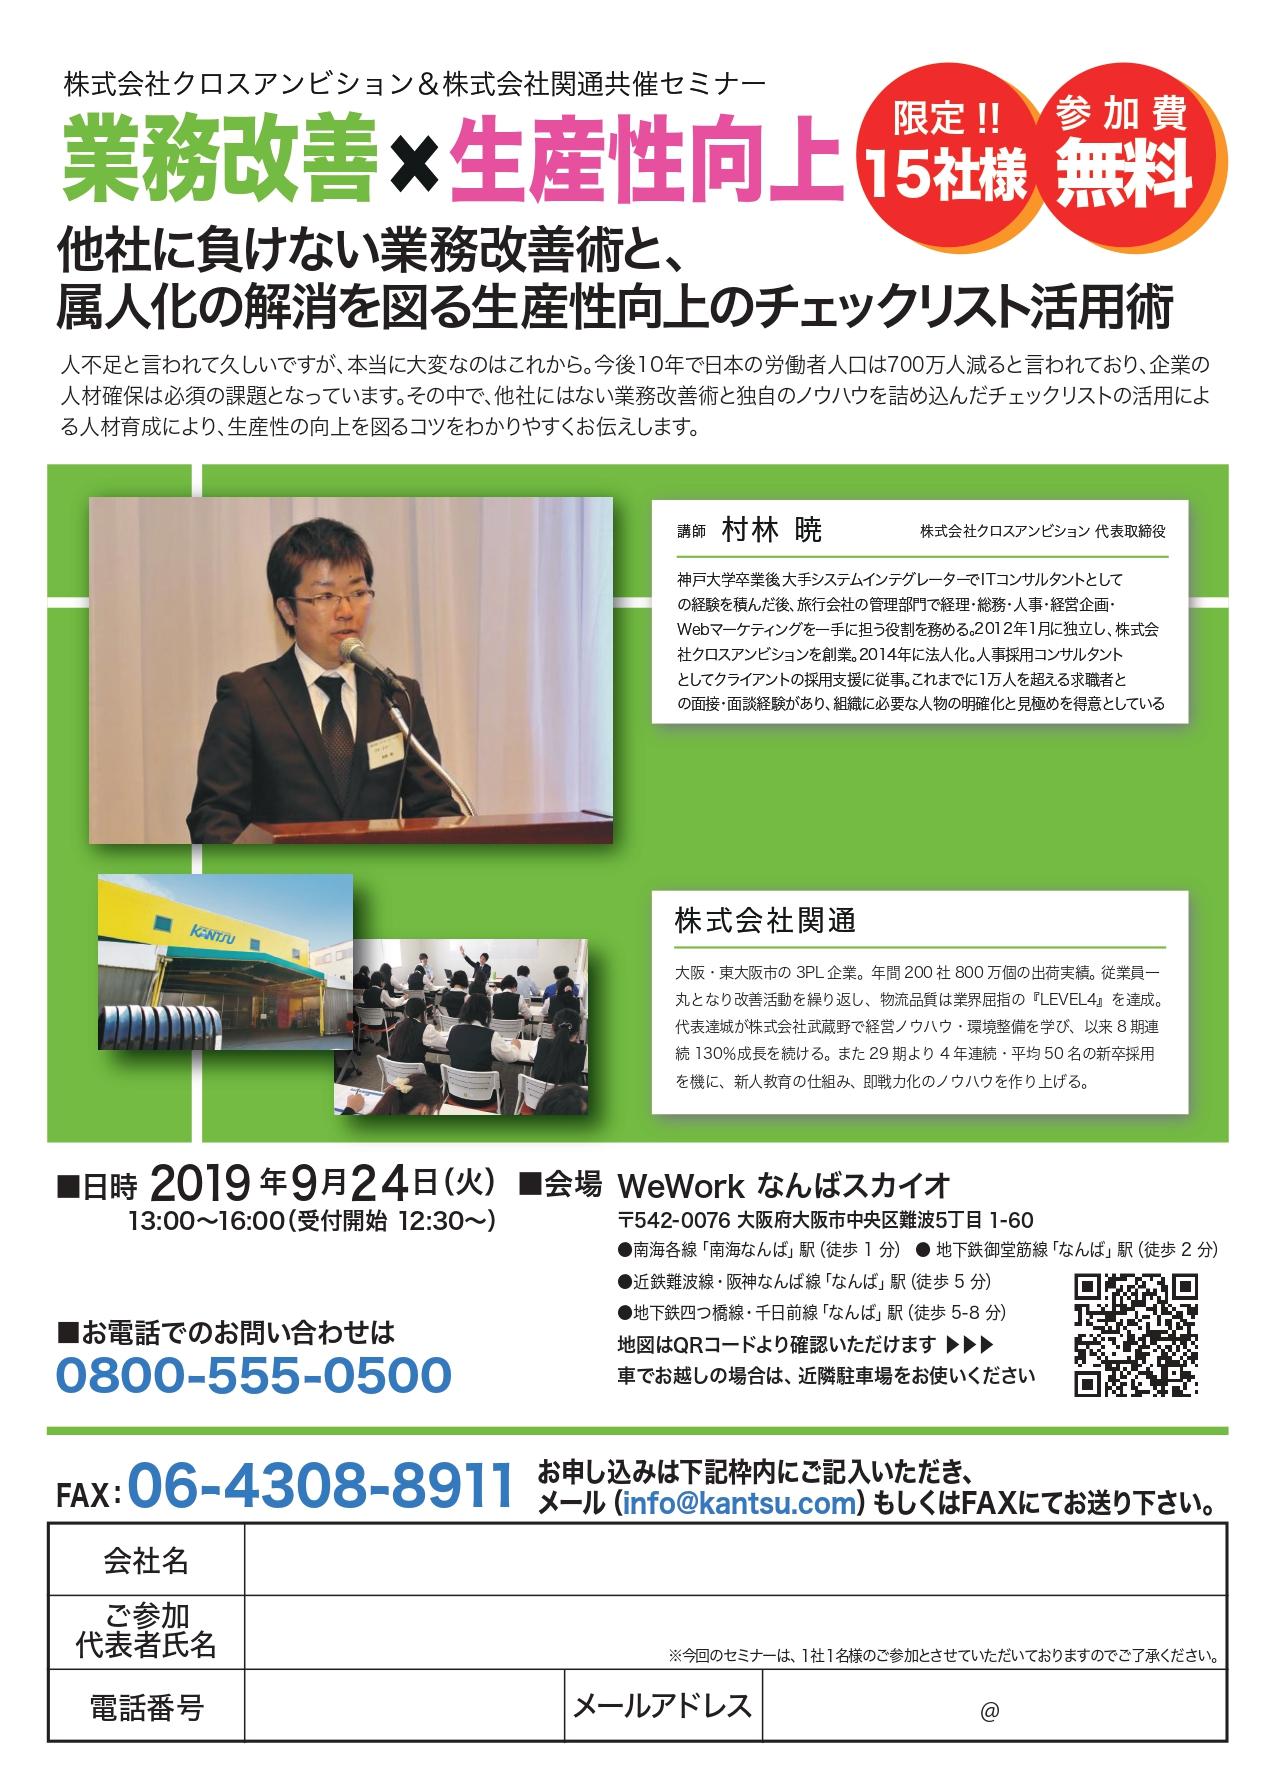 株式会社クロスアンビション様共催セミナーチラシ